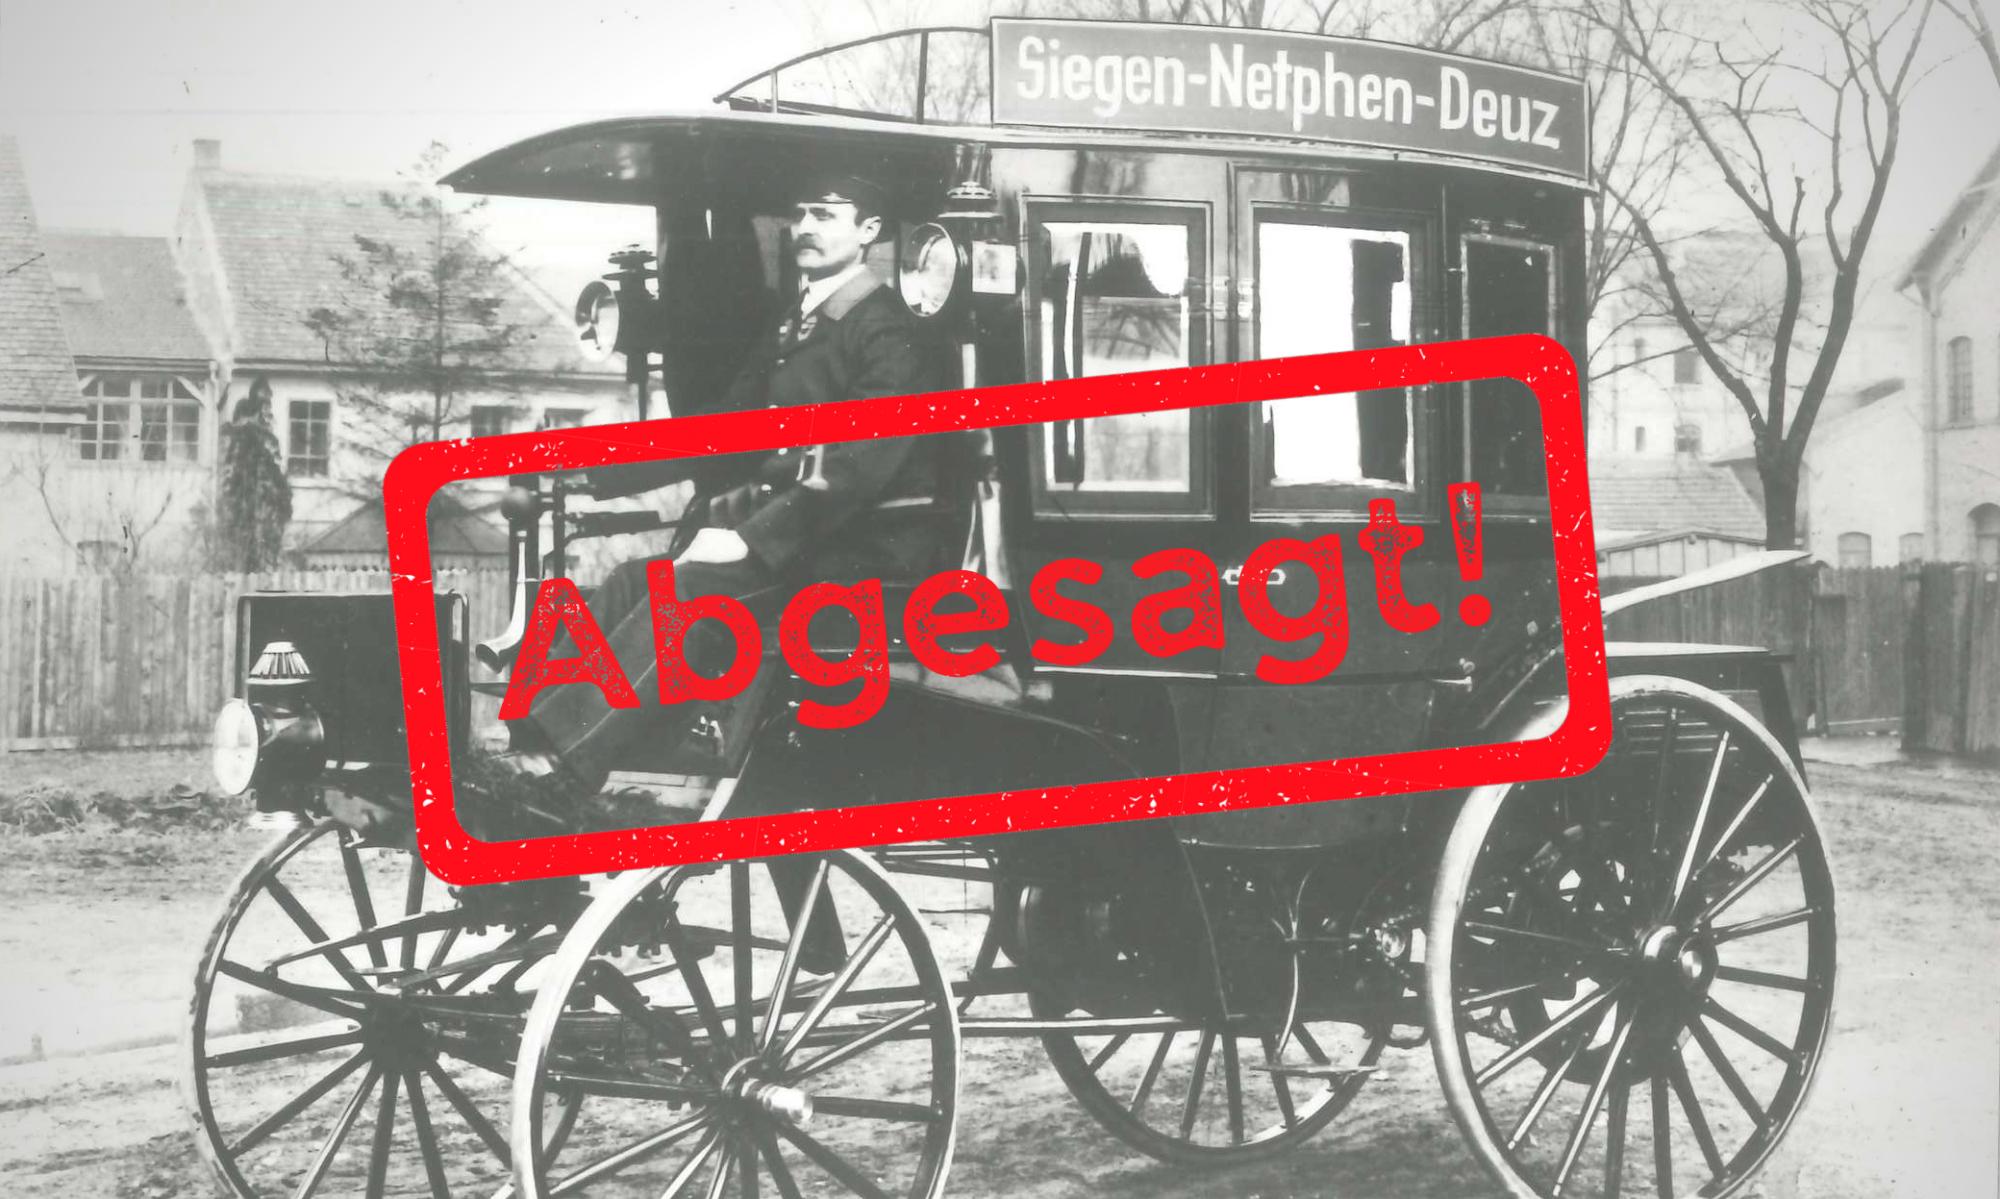 Jubiläum 125 +1 Jahre Motor-Omnibus kann nicht stattfinden